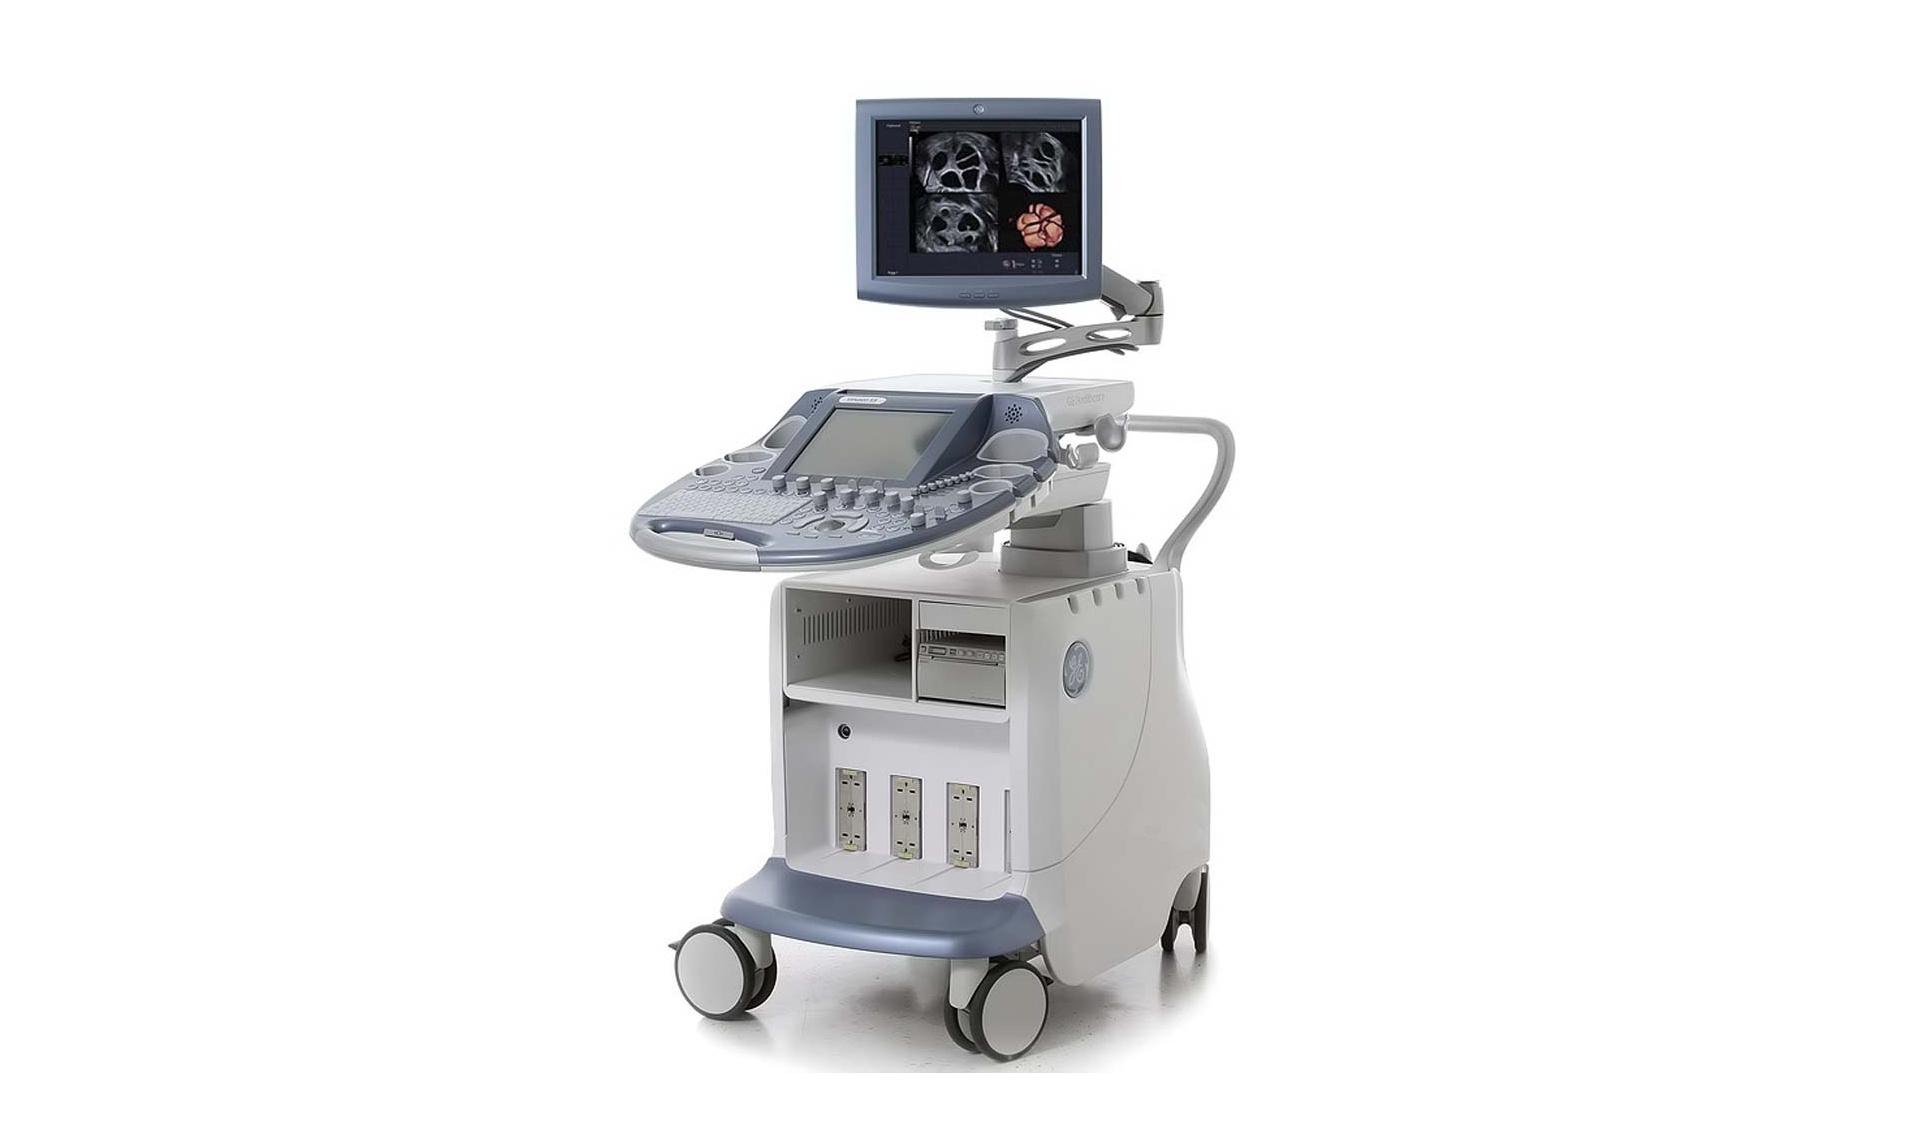 阳江市妇幼保健院高档实时四维彩色多普勒超声波诊断仪采购招标